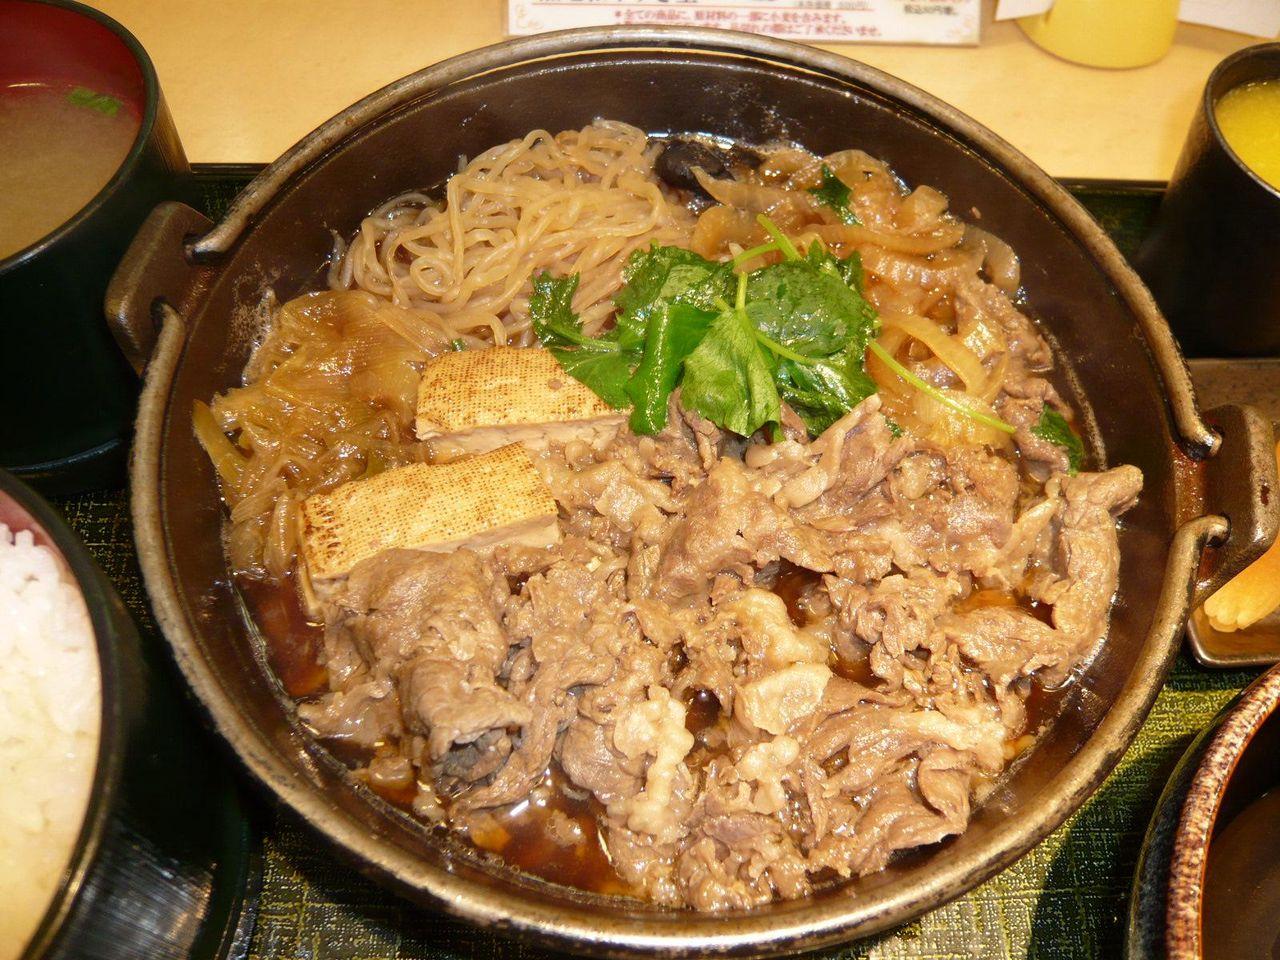 牛肉タップリ具だくさん、よく味が染みてます!